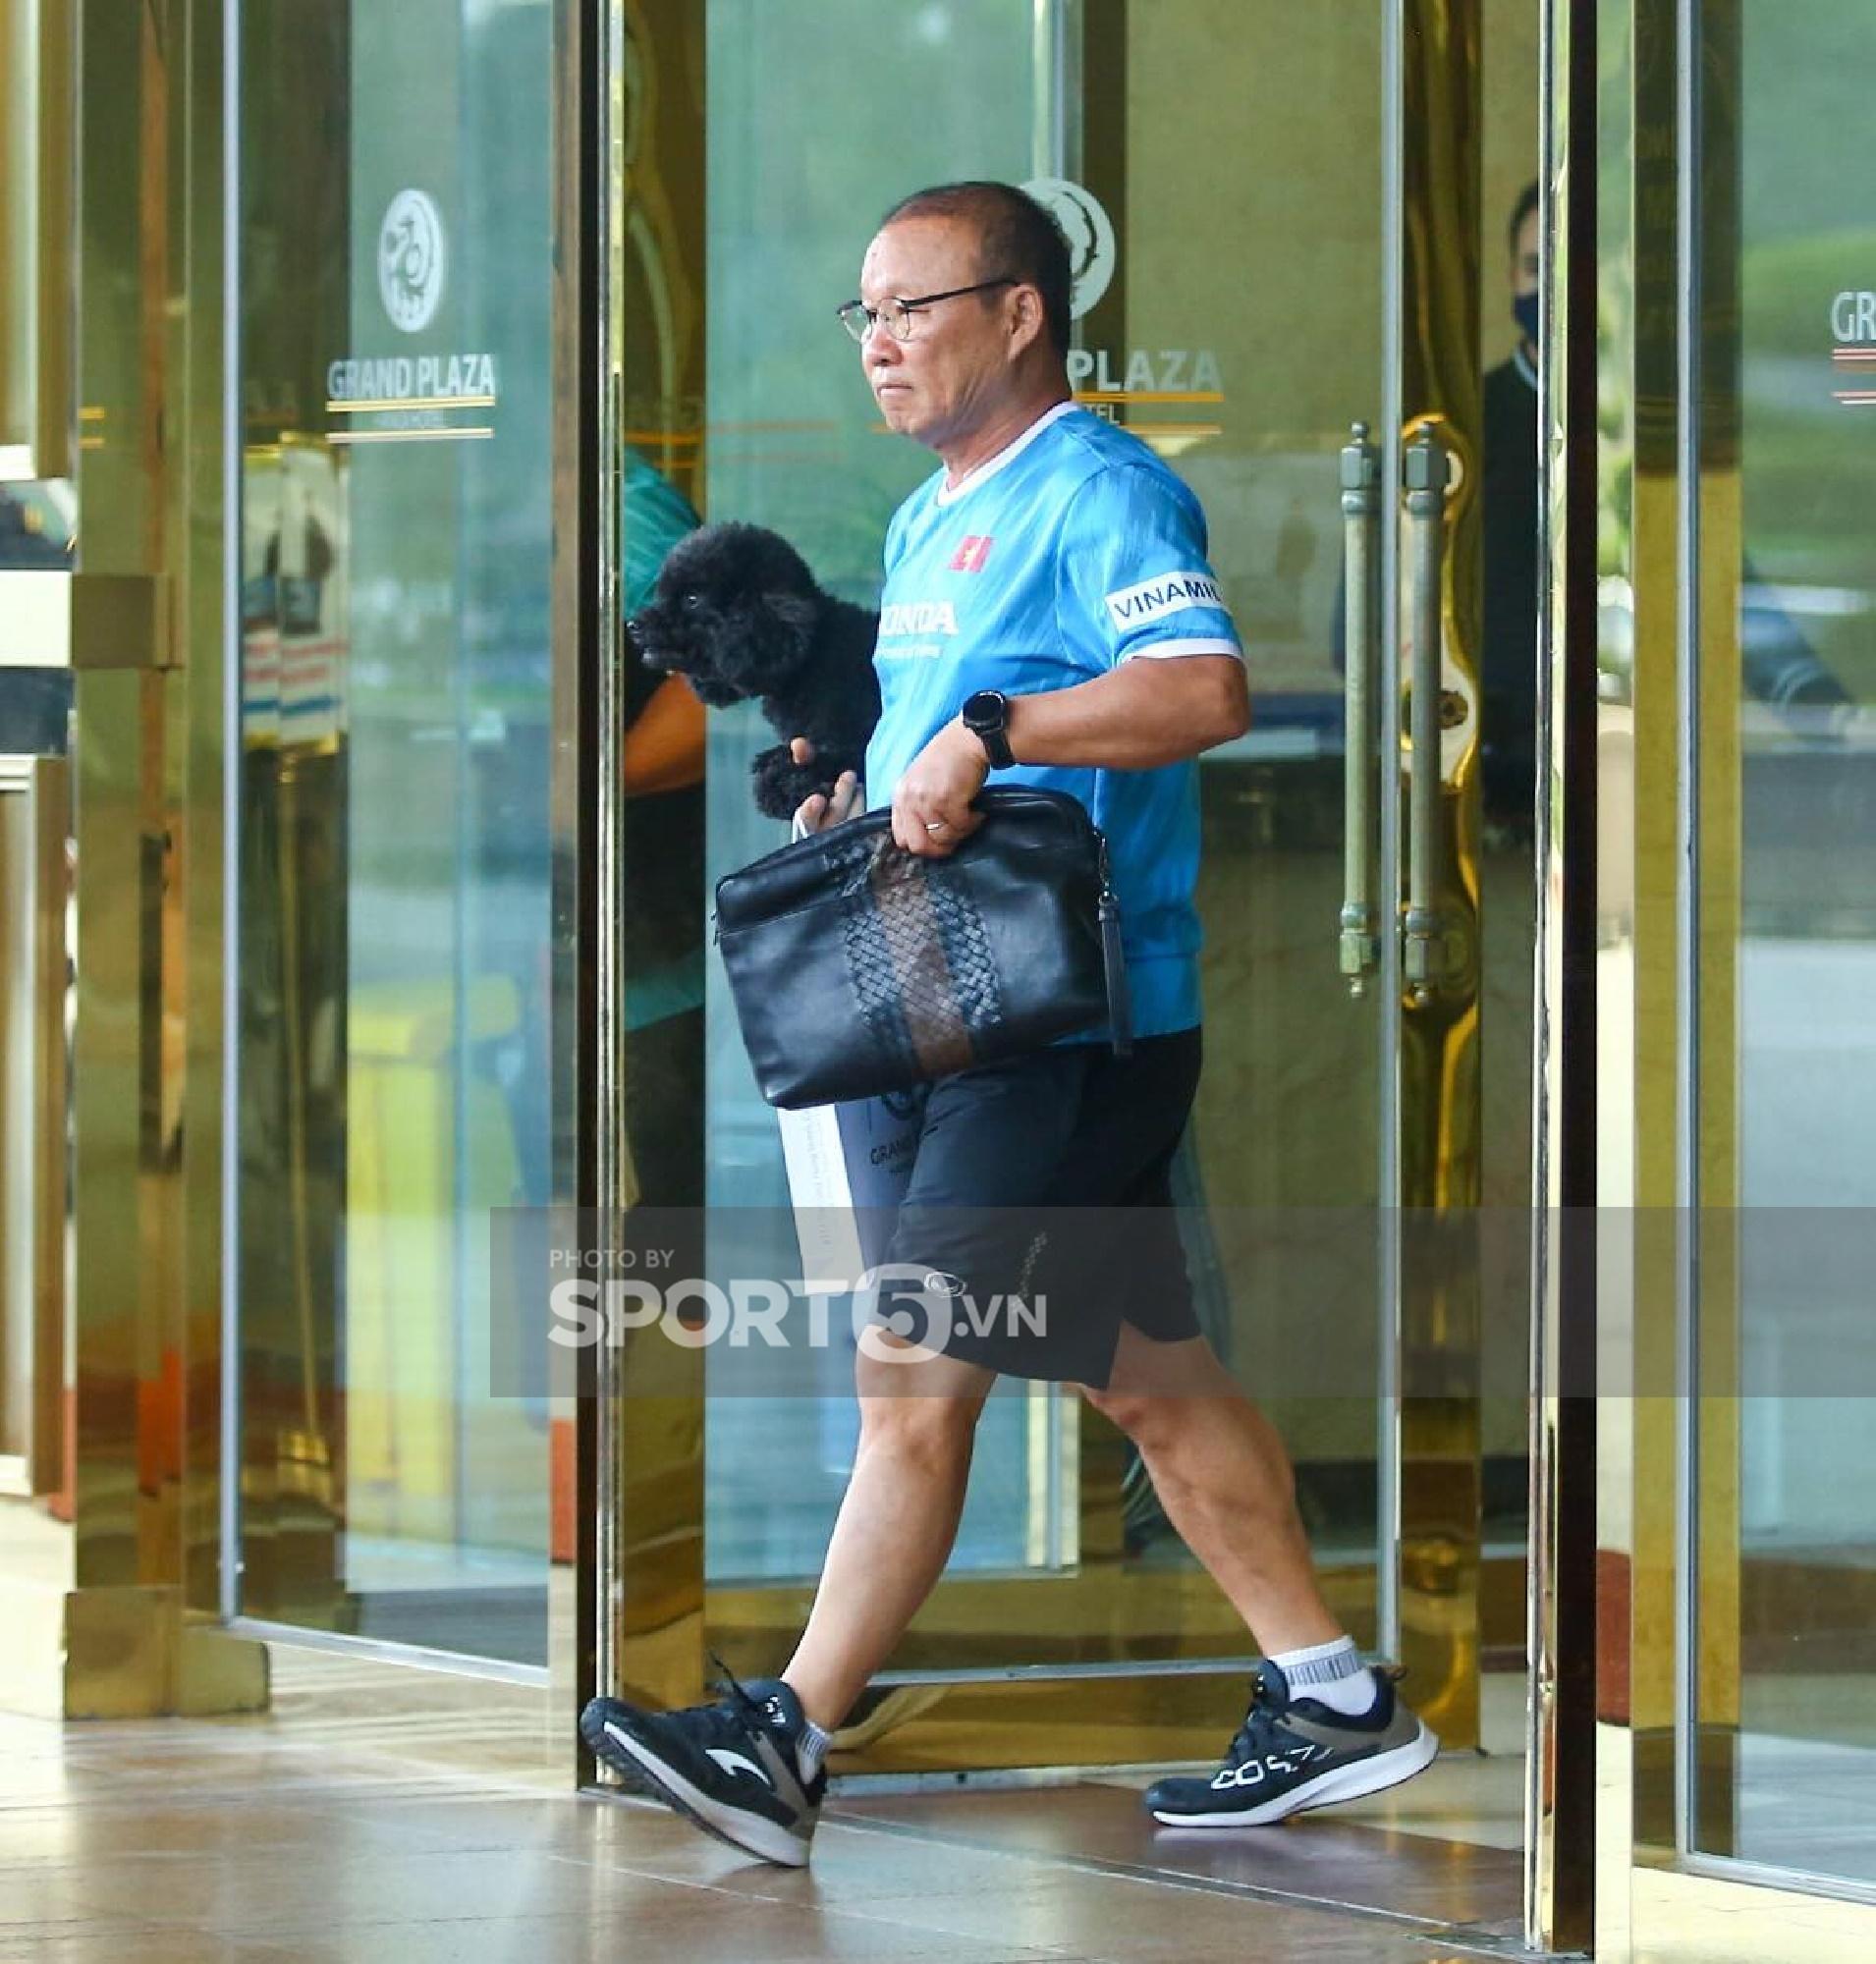 ĐT Việt Nam chuẩn bị sang UAE: Minh Vương lặng lẽ rời khách sạn, HLV Park Hang-seo đi gửi thú cưng - Ảnh 3.